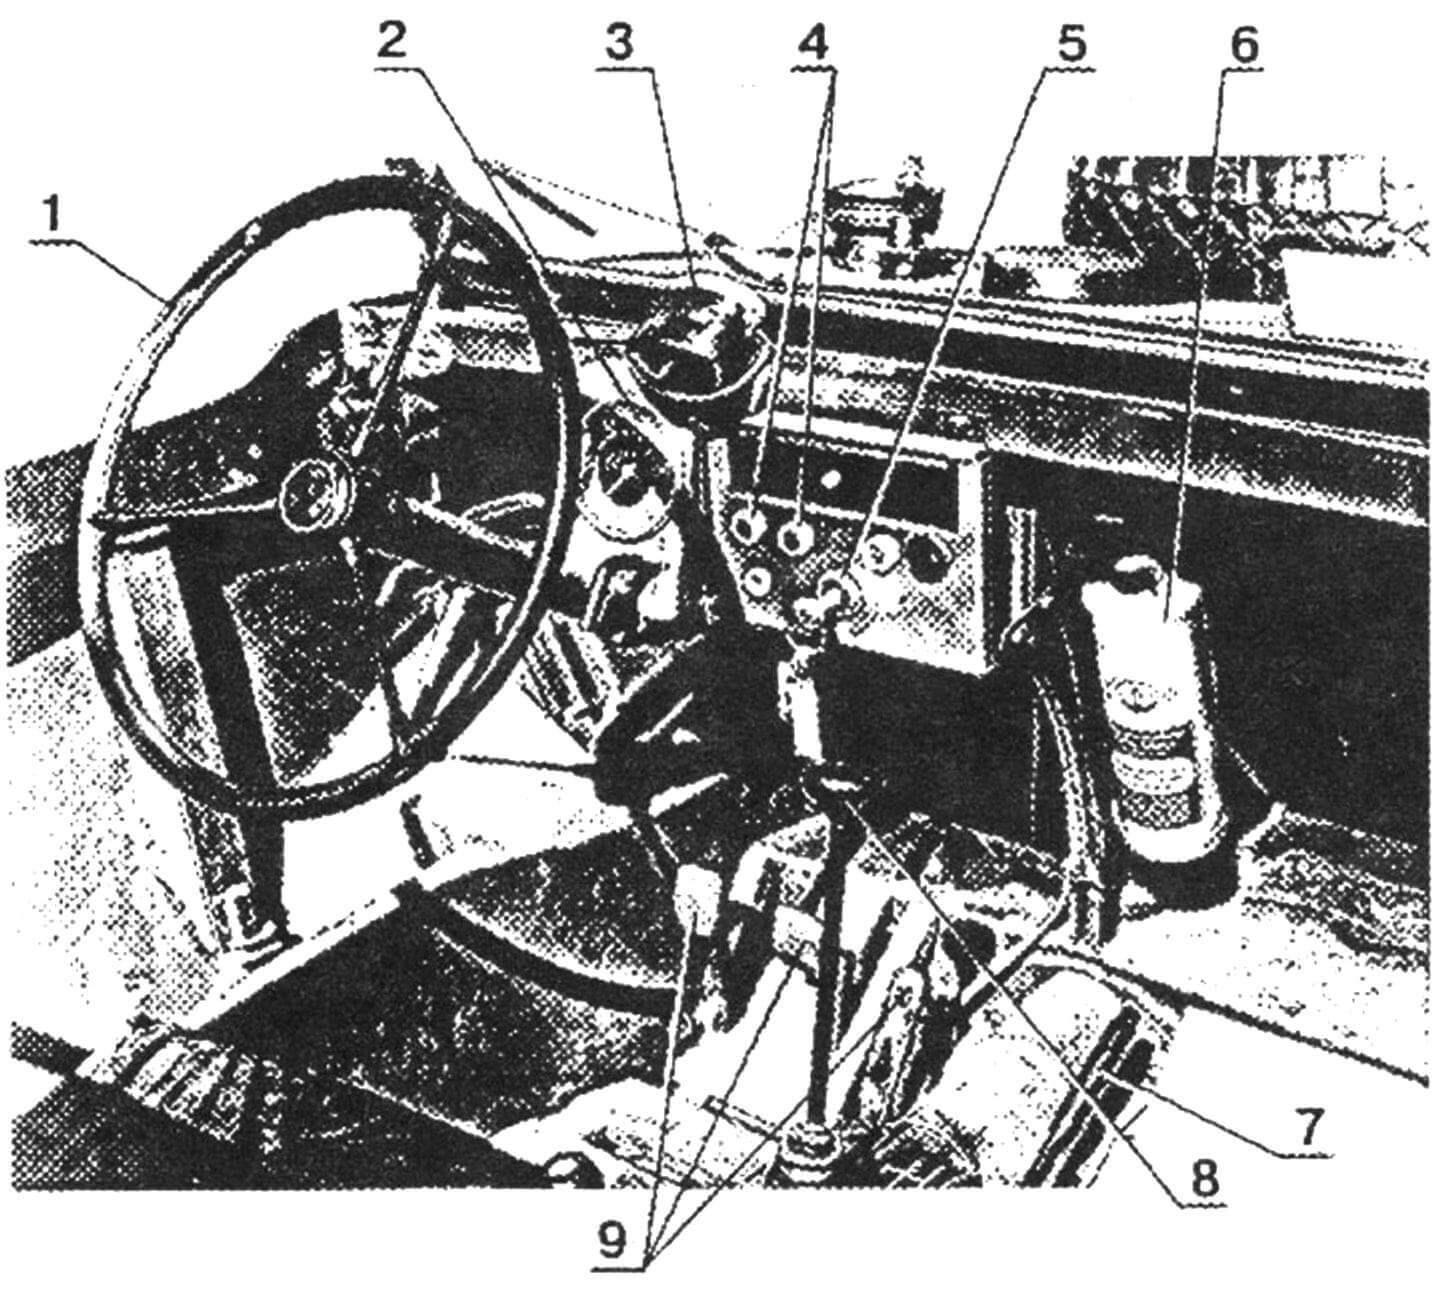 Органы управления и контроля автомобиля: 1 — колесо рулевое; 2 — спидометр; 3 — электромеханизм привода стеклоочистителя; 4 — лампы контроля температуры и давления масла; 5 — замок зажигания; 6 — огнетушитель; 7 — рычаг ручного тормоза; 8 — рычаг переключения передач; 9 — педали управления.